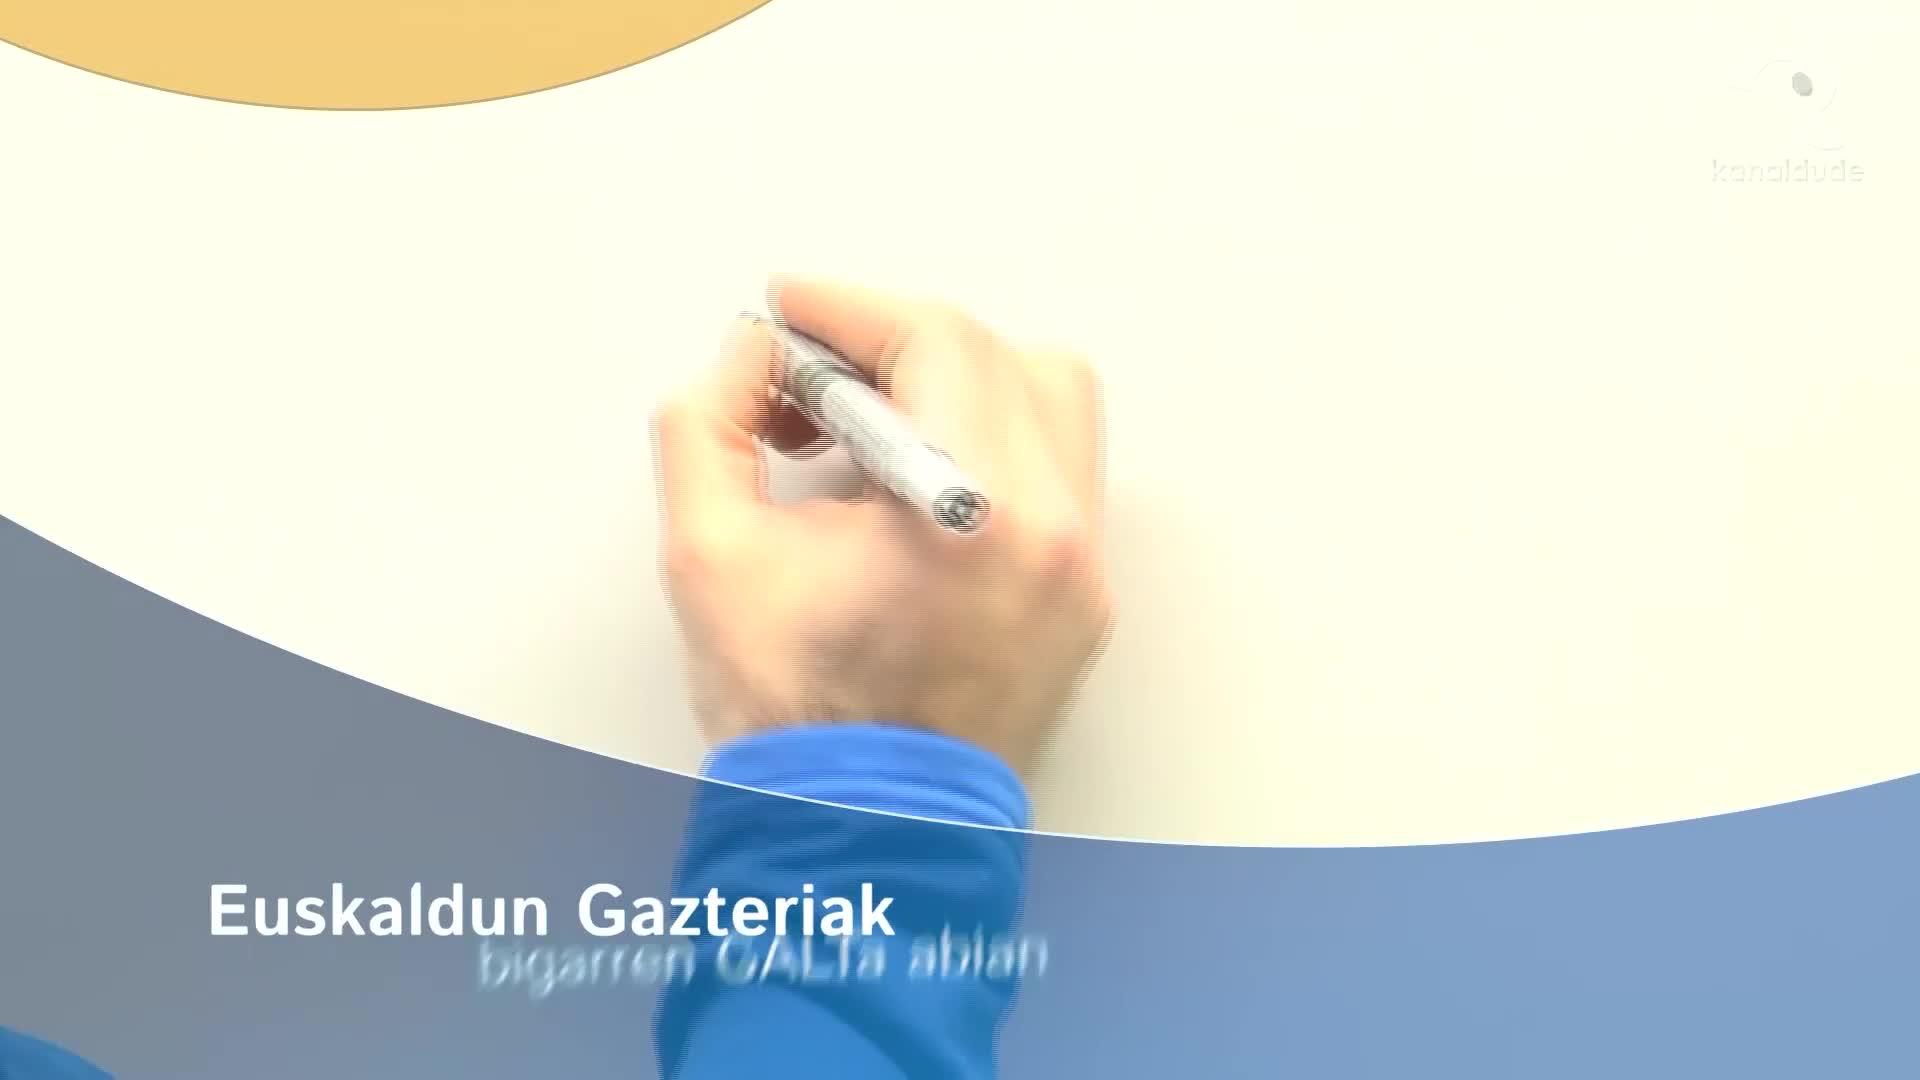 Euskaldun Gazteriak bigarren GALTa abian